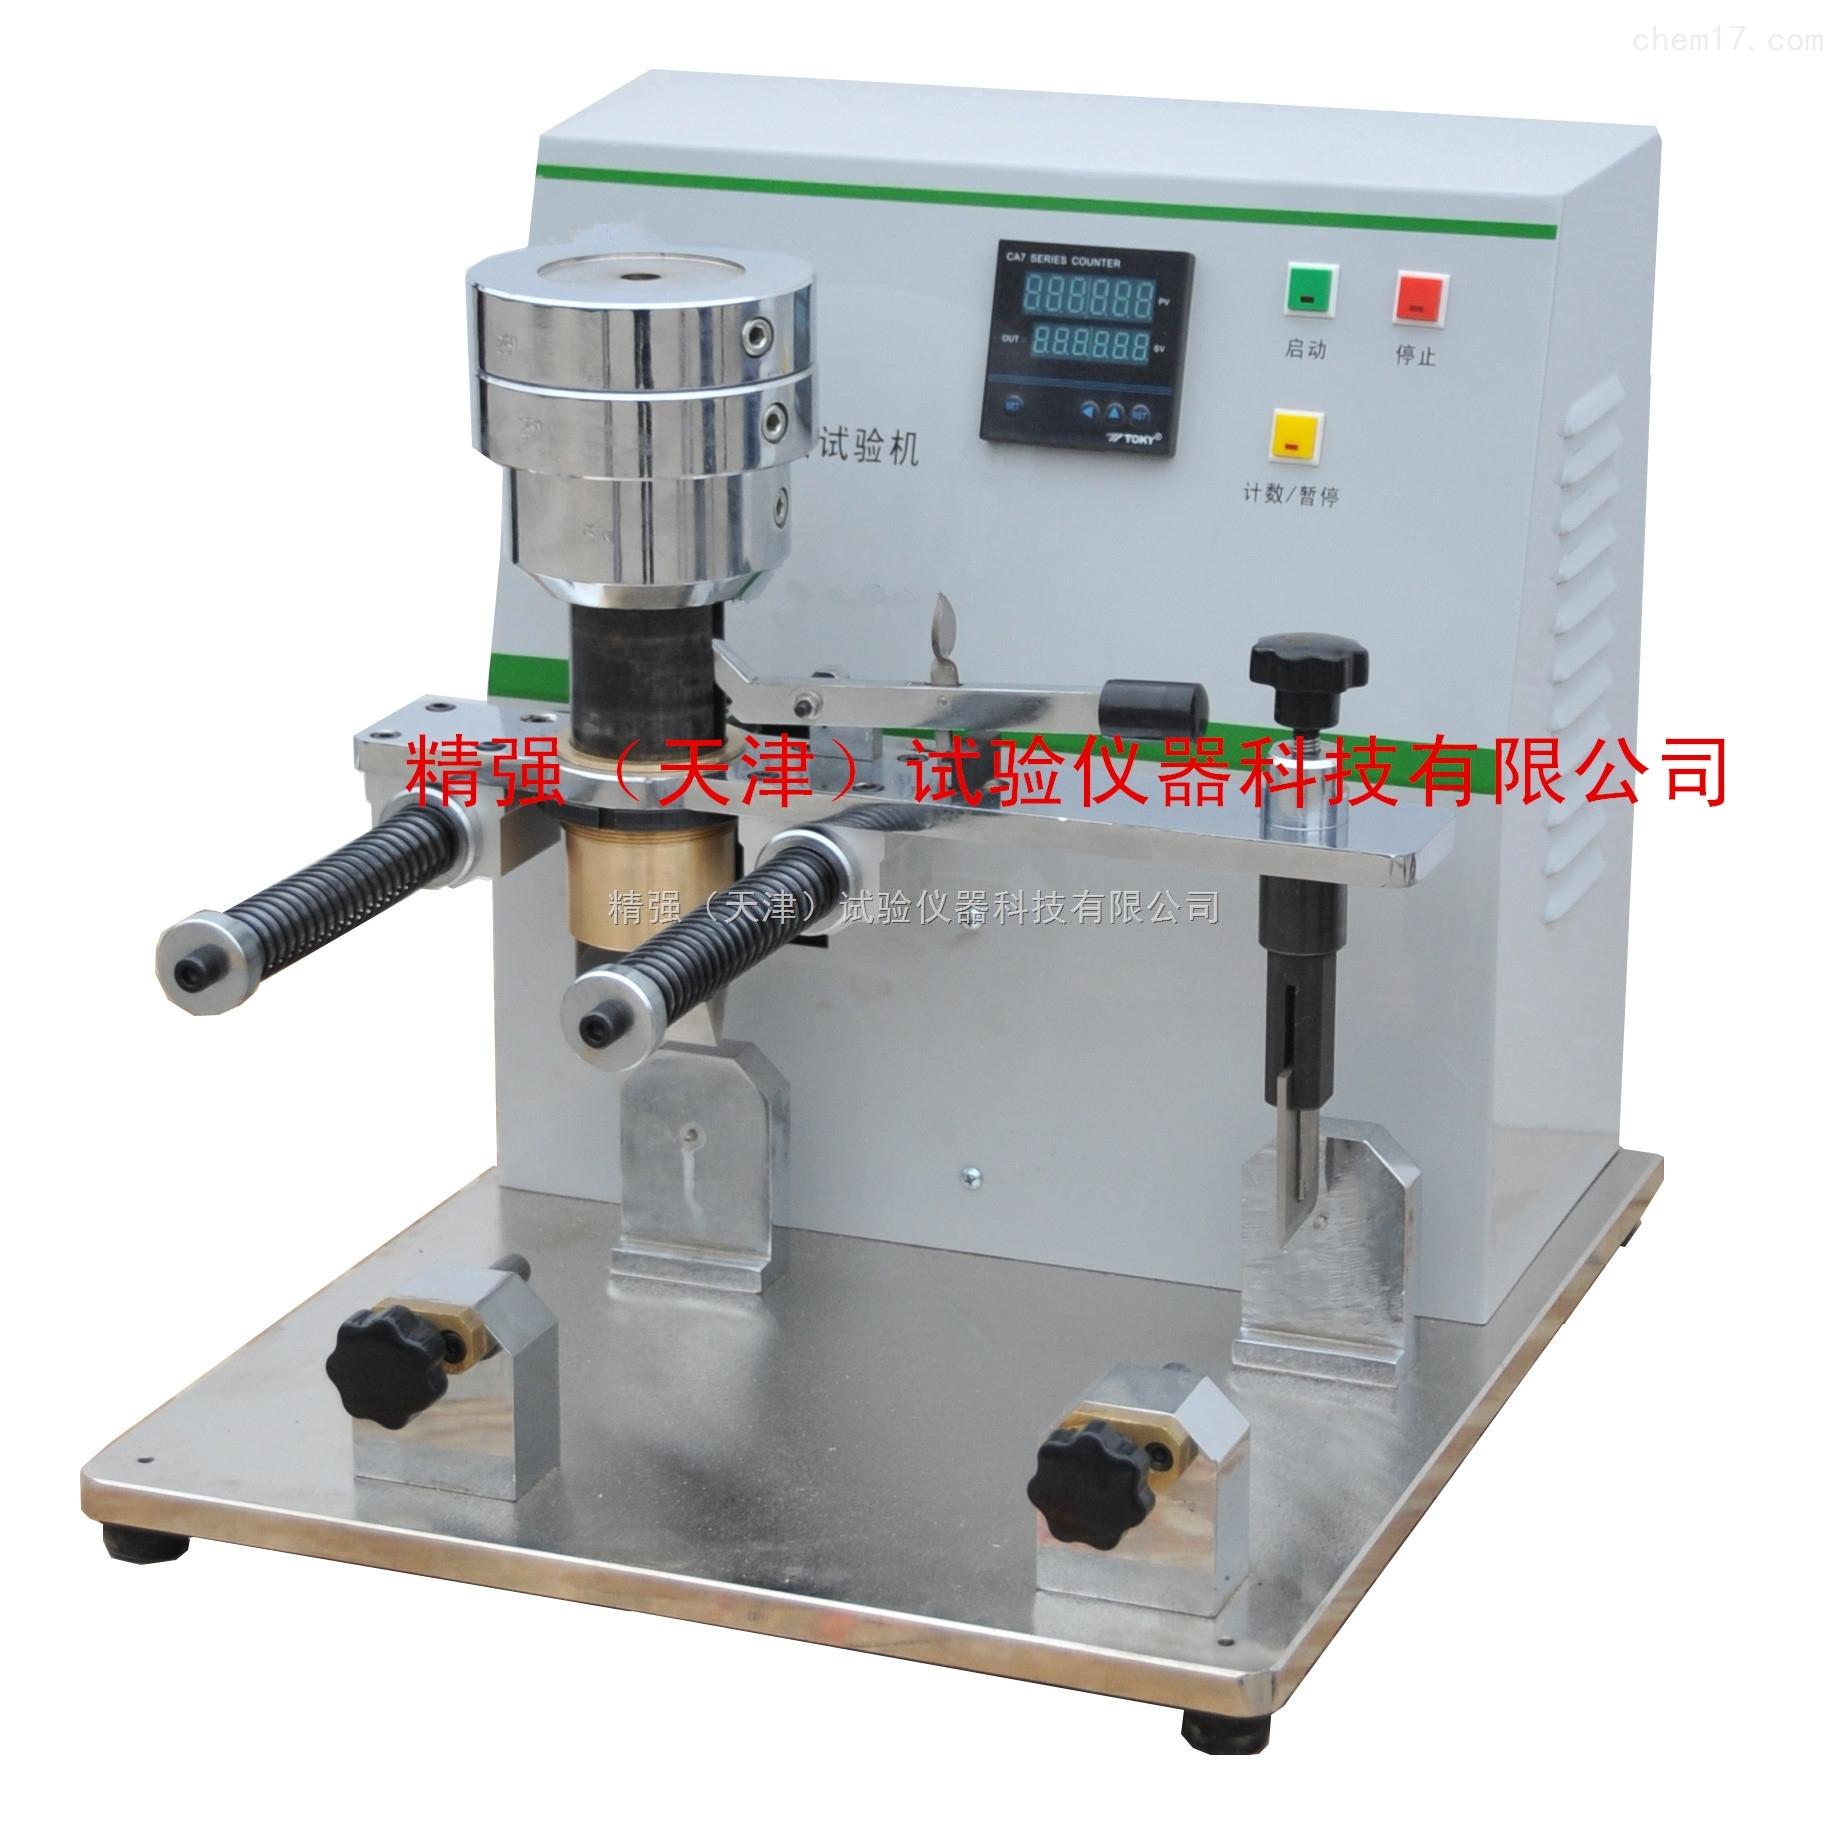 JM-橡胶管耐磨机